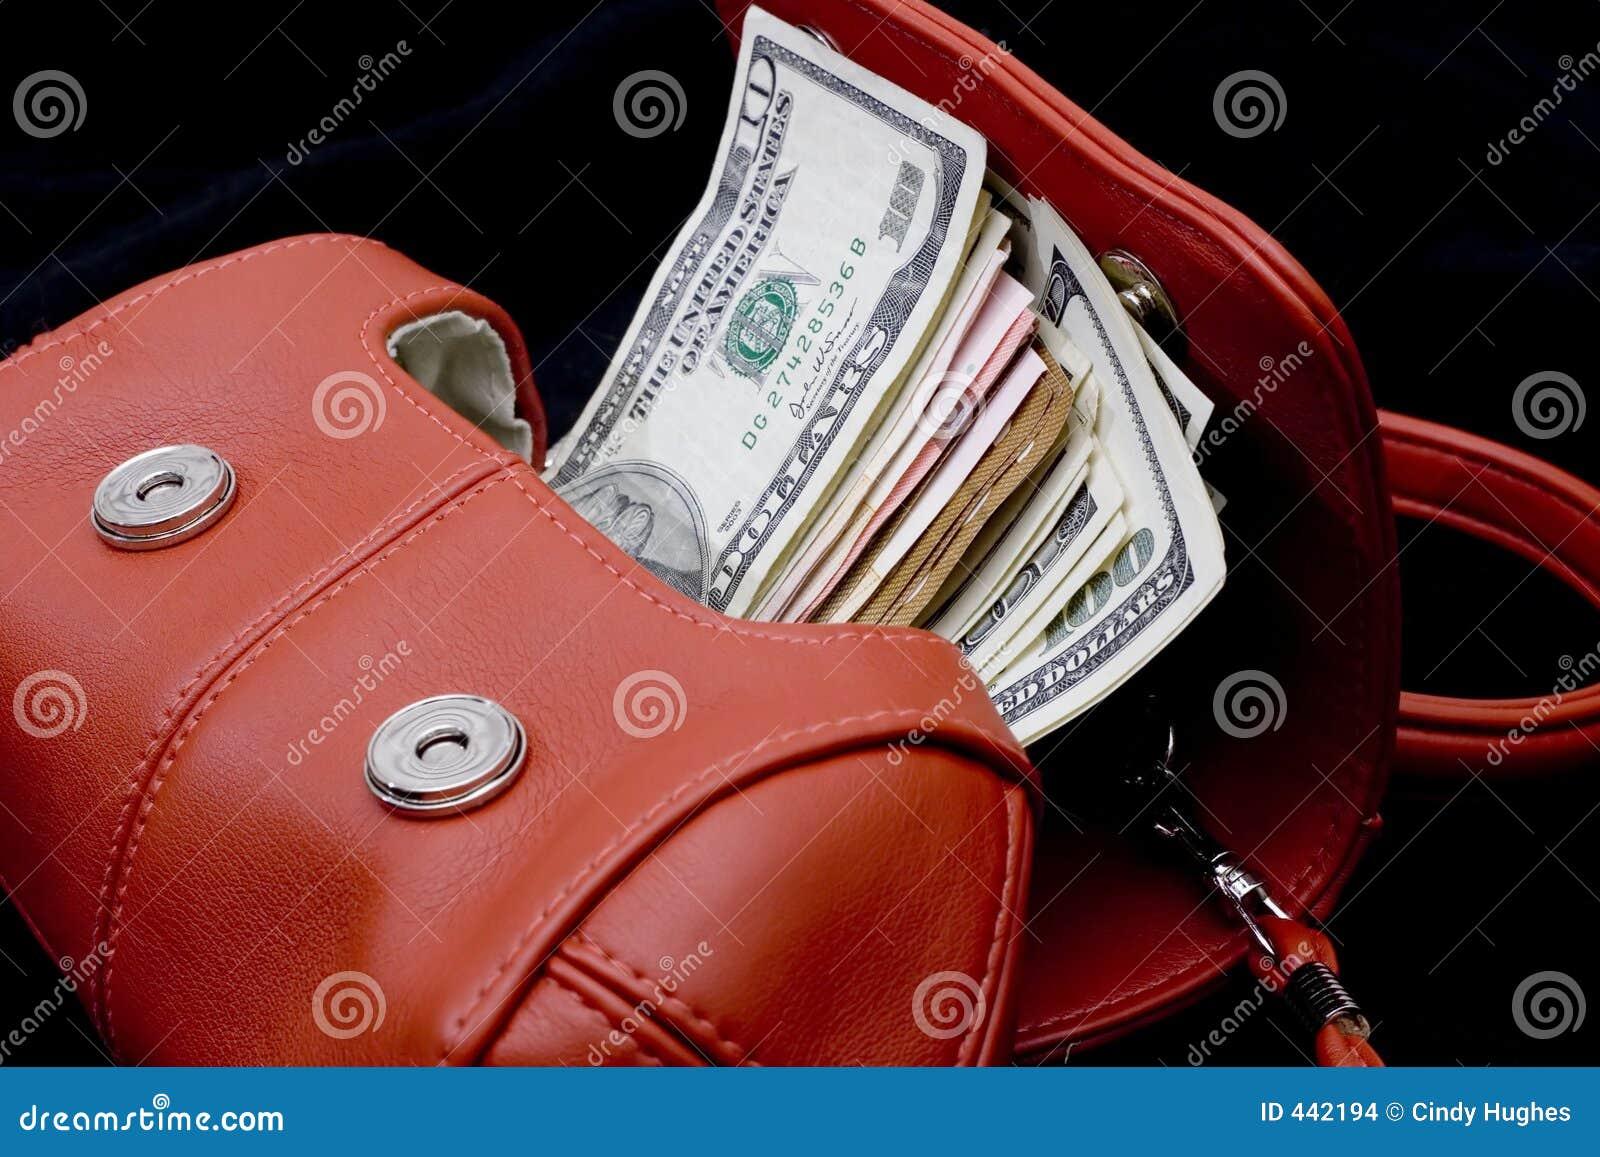 Bolsa vermelha com dinheiro